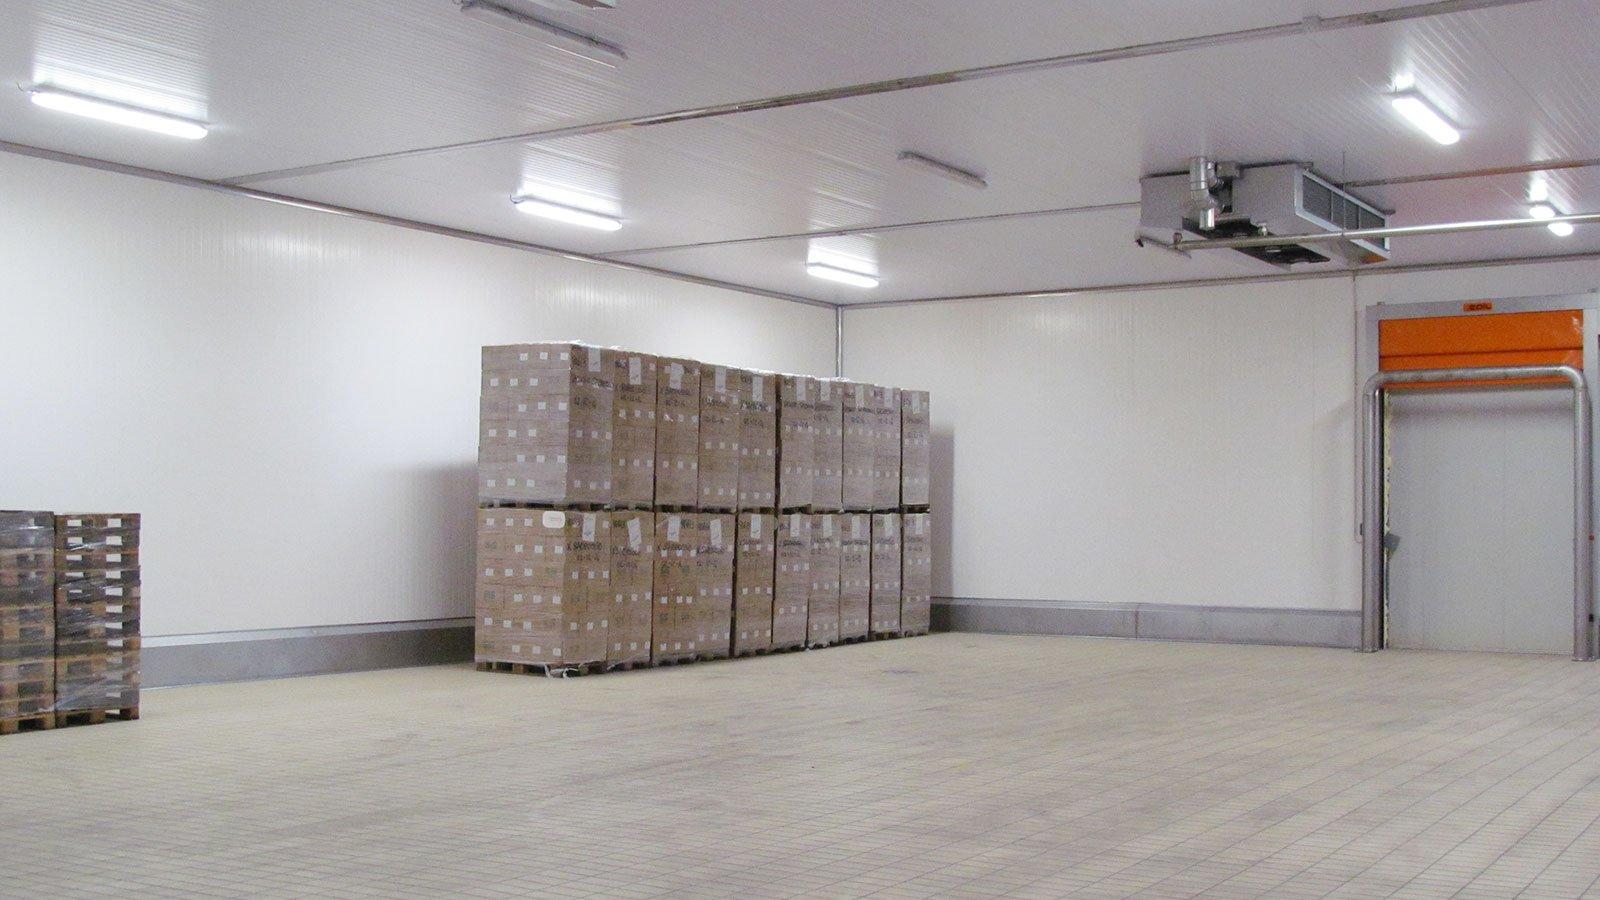 interno di un magazzino con sulla sinistra degli scatoloni su dei bancali e sulla destra una porta